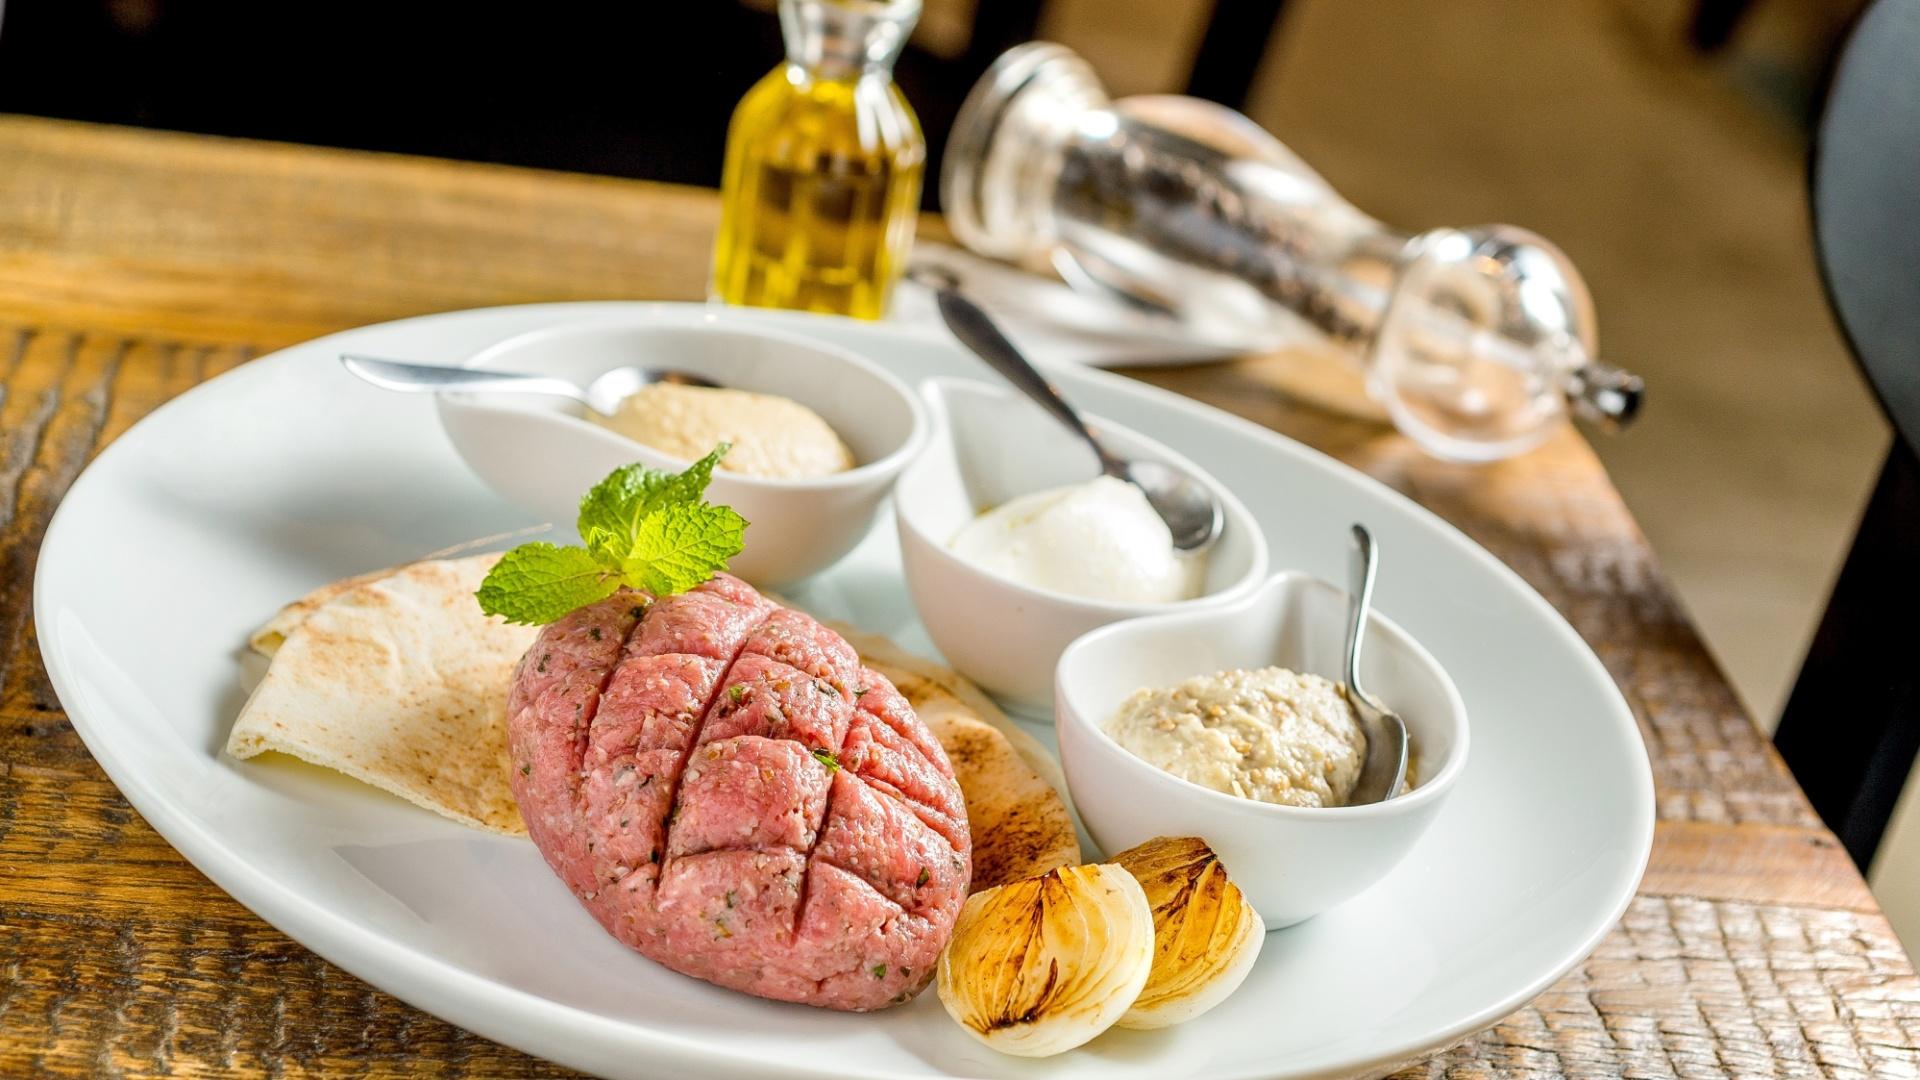 Souk Burger combina hambúrguer com a culinária árabe